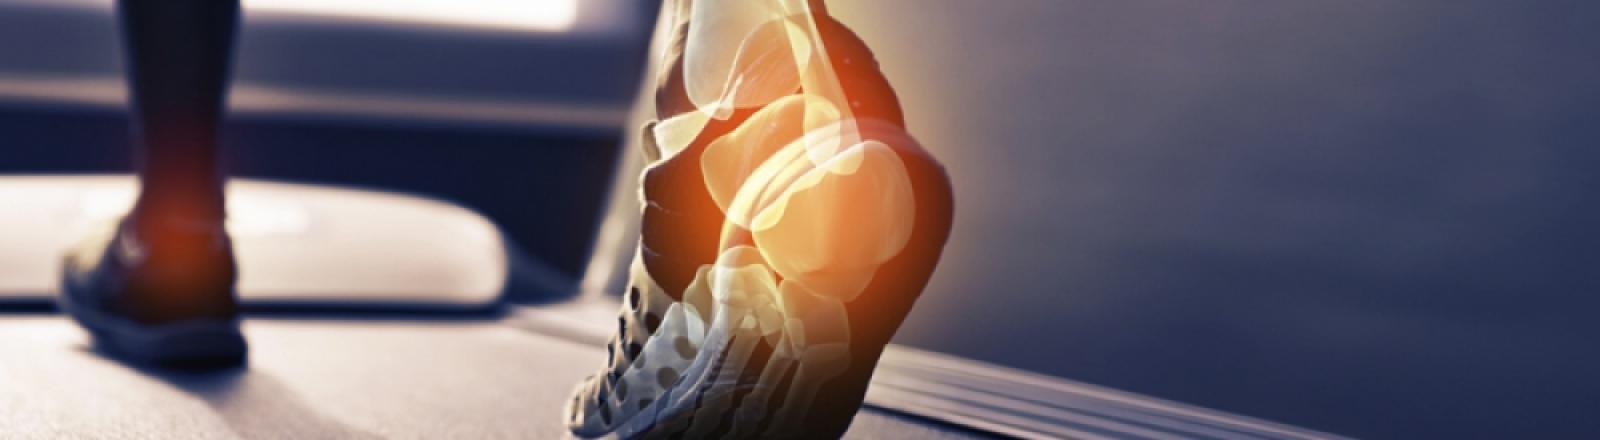 tendinitis aquilea o del tendon de aquiles